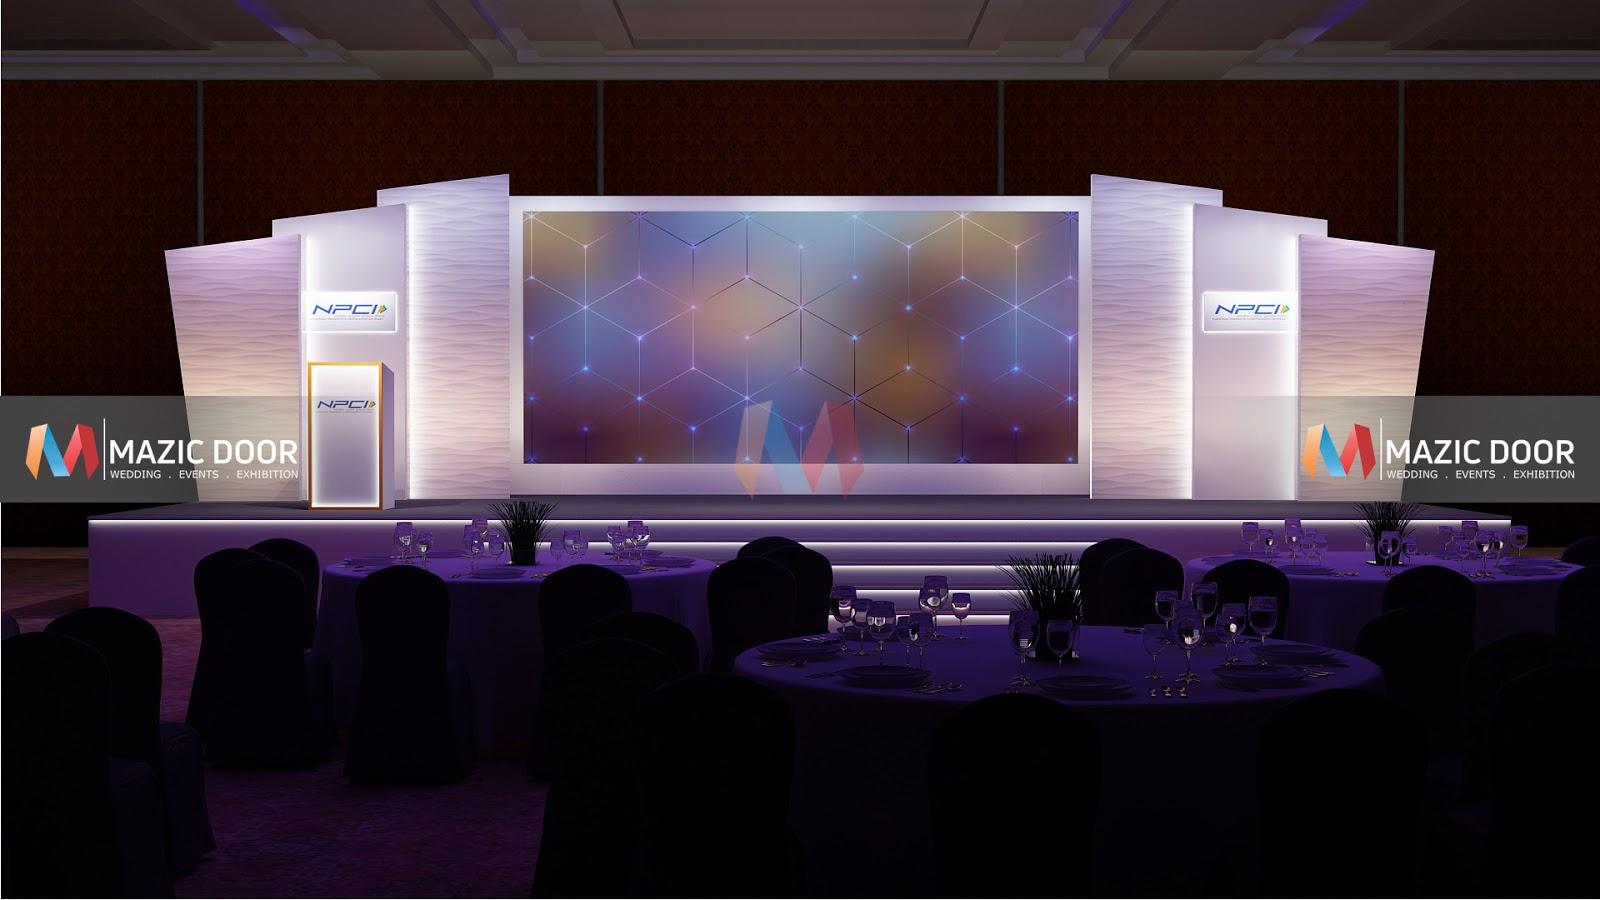 Conference Stage Design Mazic Door